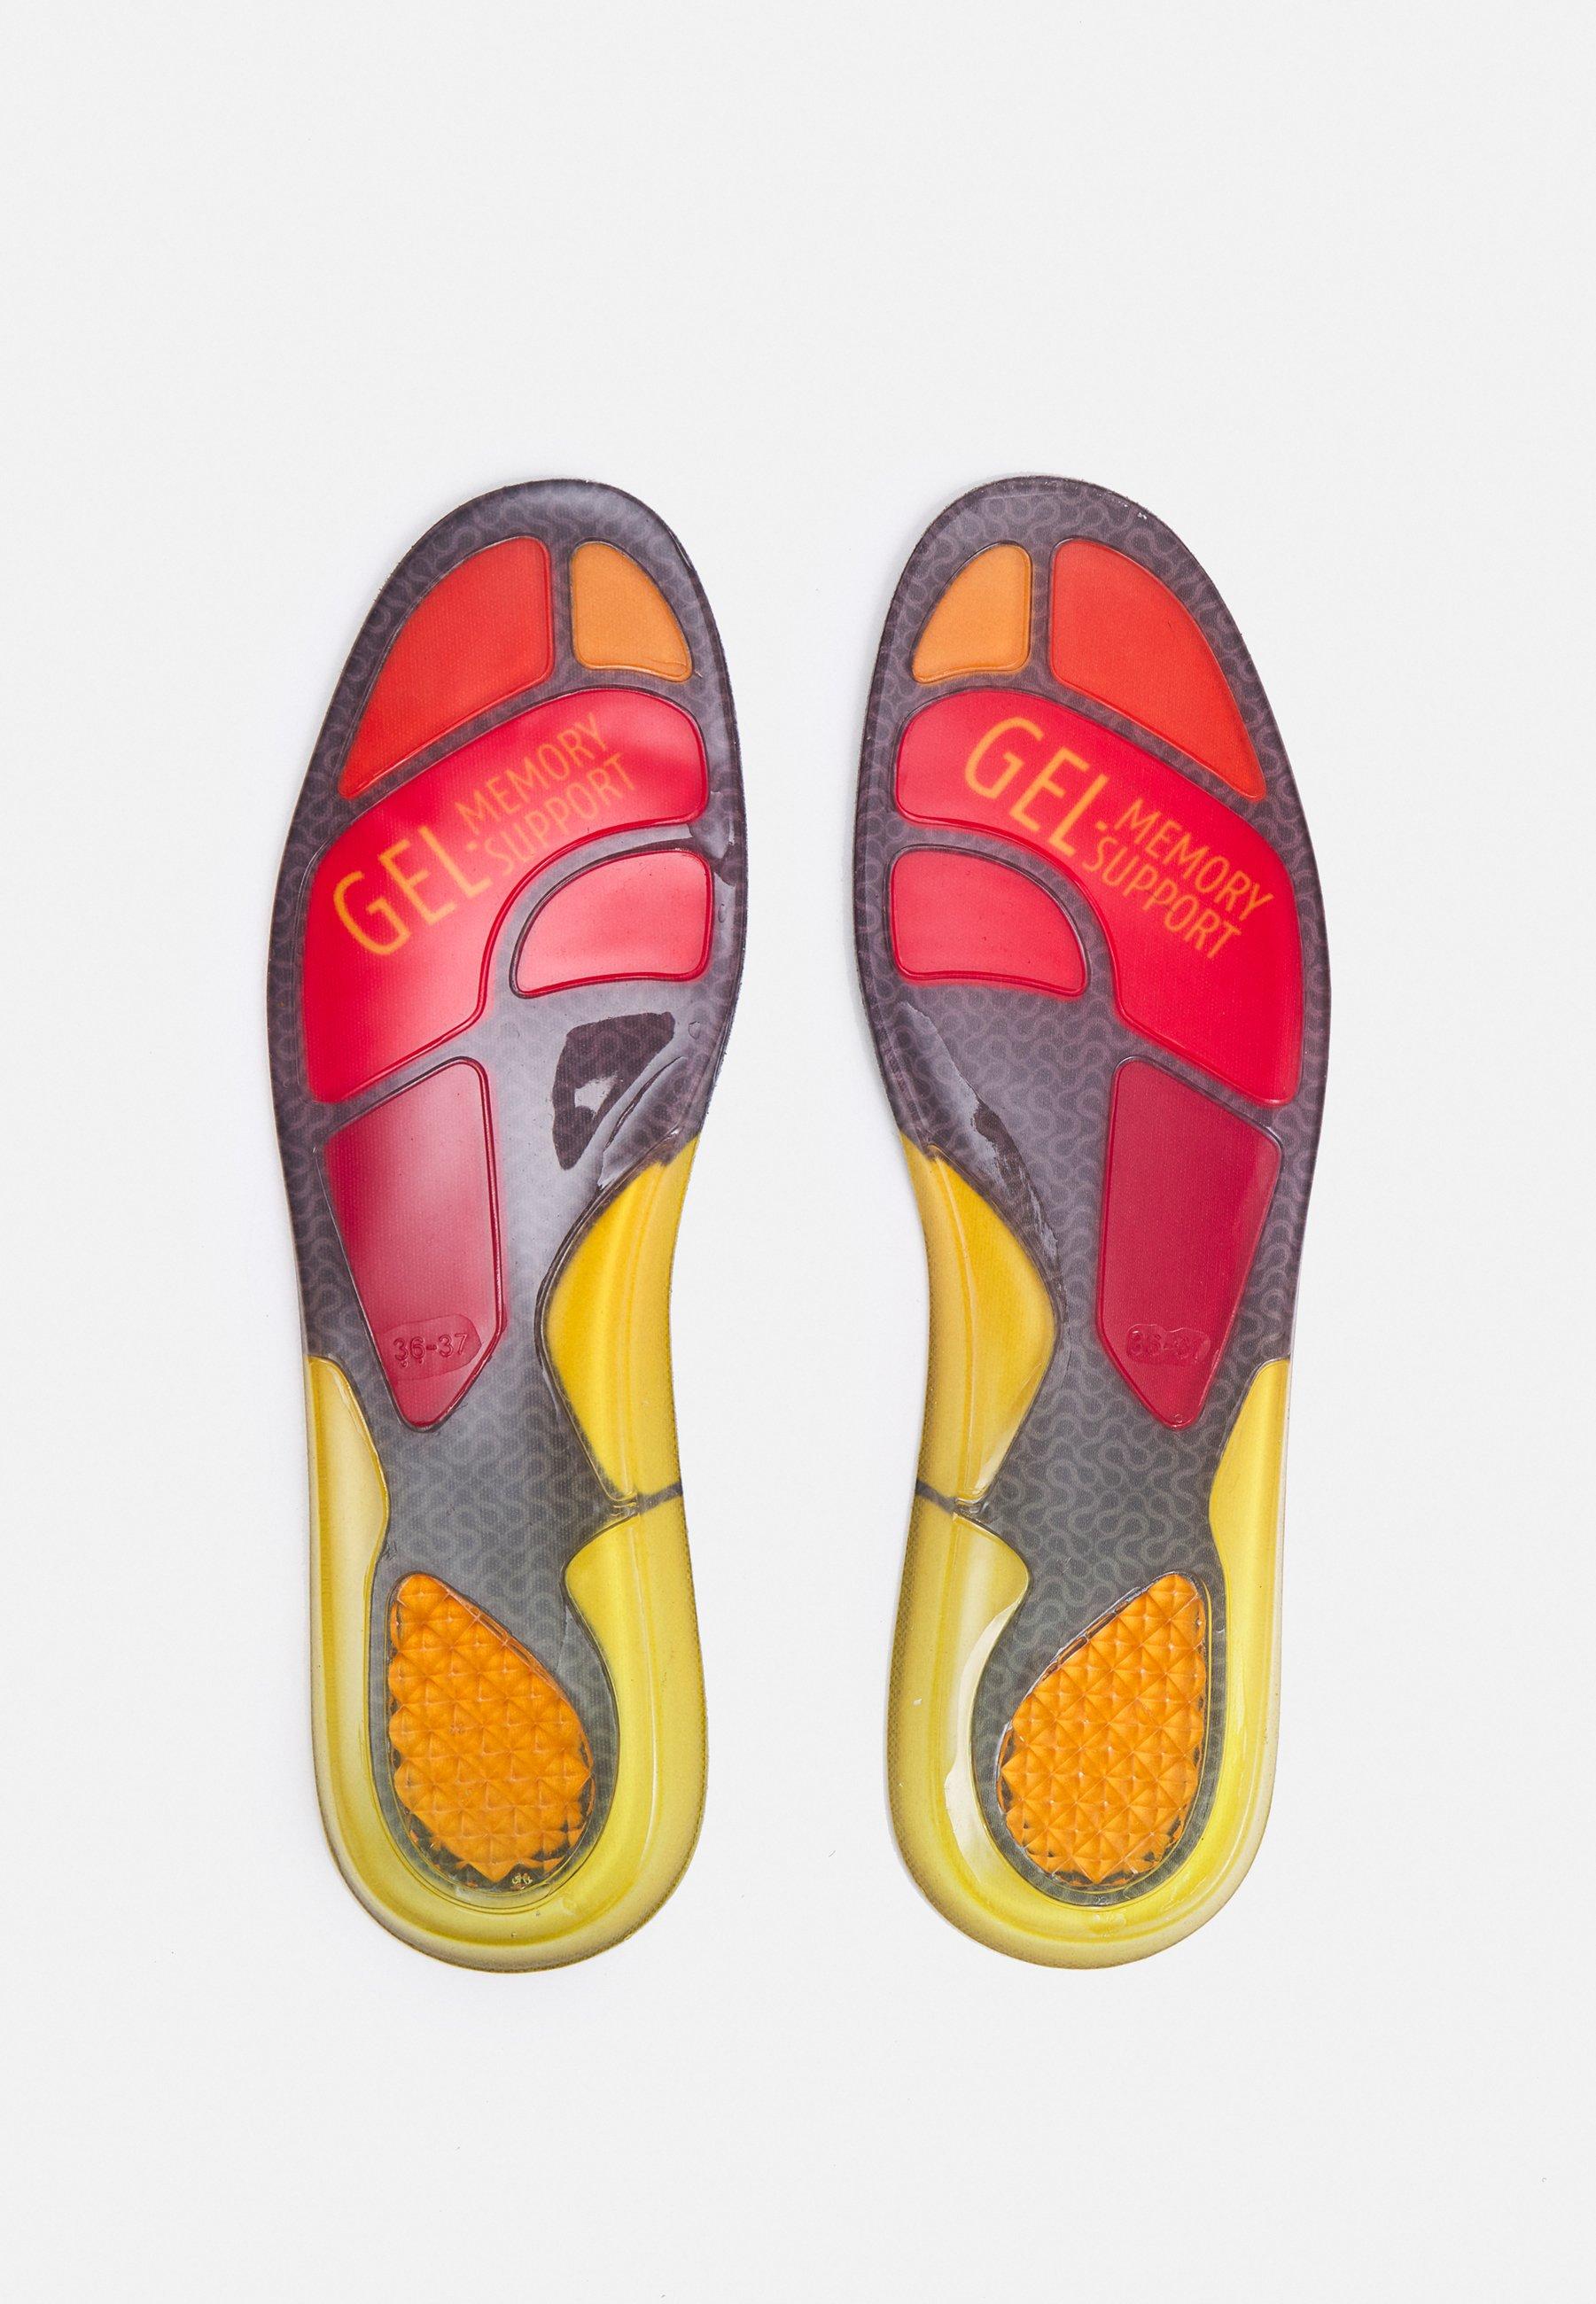 Women SNEAKER GEL SOLES - Insole